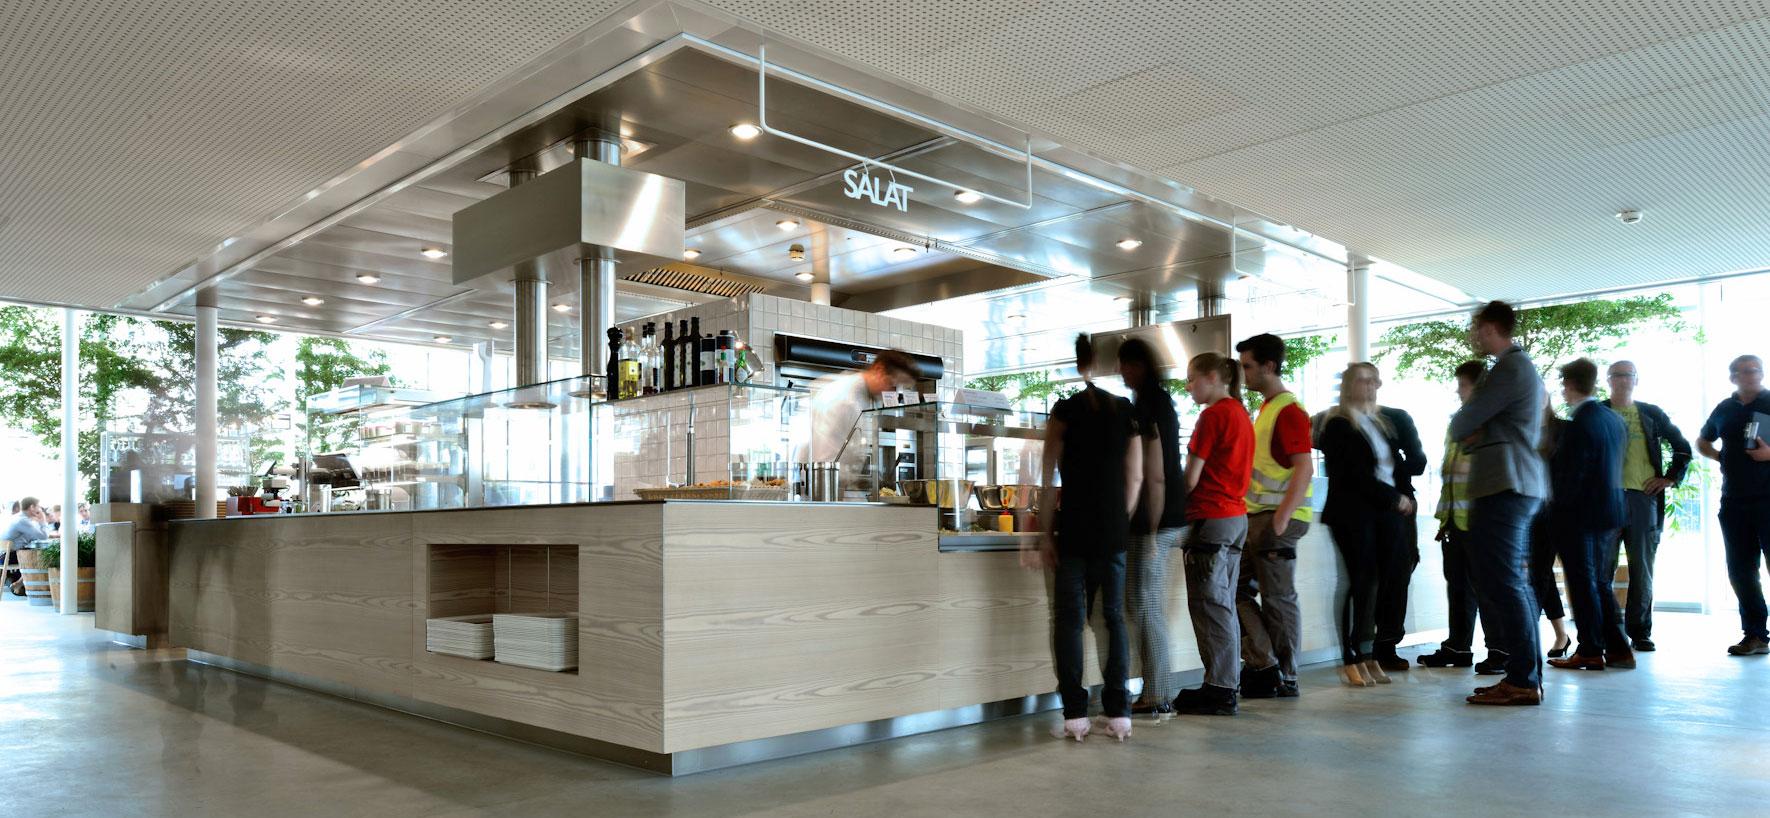 Die für täglich 750 Essensteilnehmer konzeptionierte Thekenanlage in der Zentrale von PERI in Weißenhorn stammt aus Röttingen. Foto: Schmitt